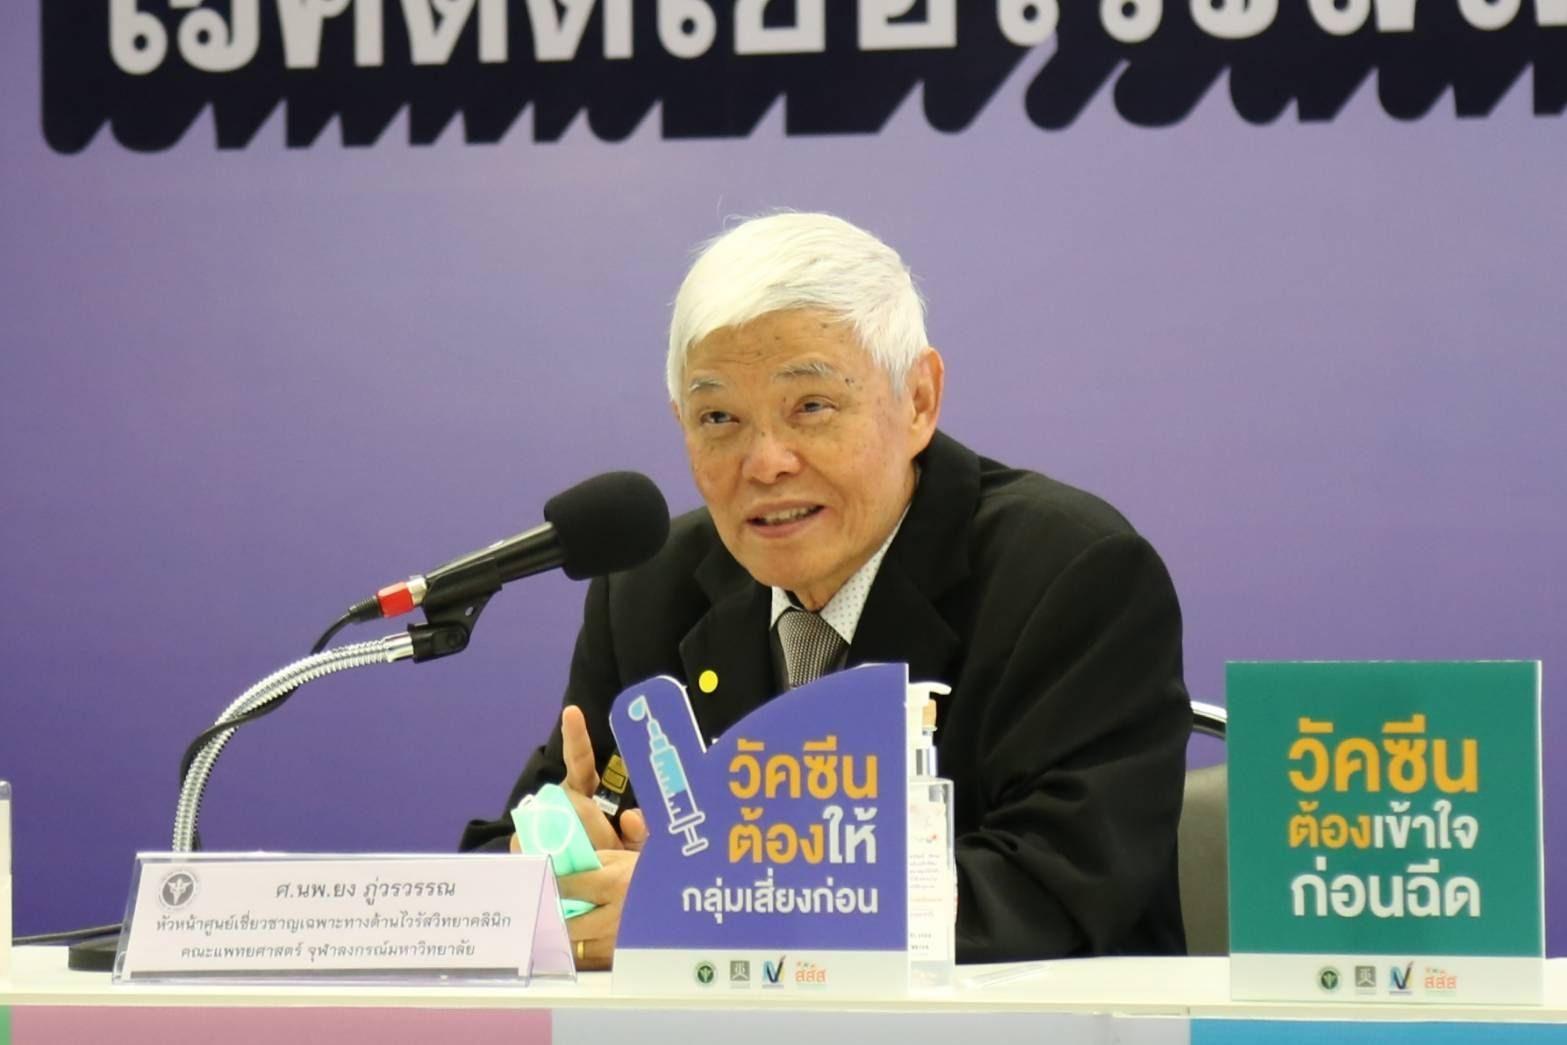 นพ.ยง ชี้ ผื่นขึ้นร่วมอาการทางเดินหายใจ คนเสี่ยง แยกกัก 14 วัน